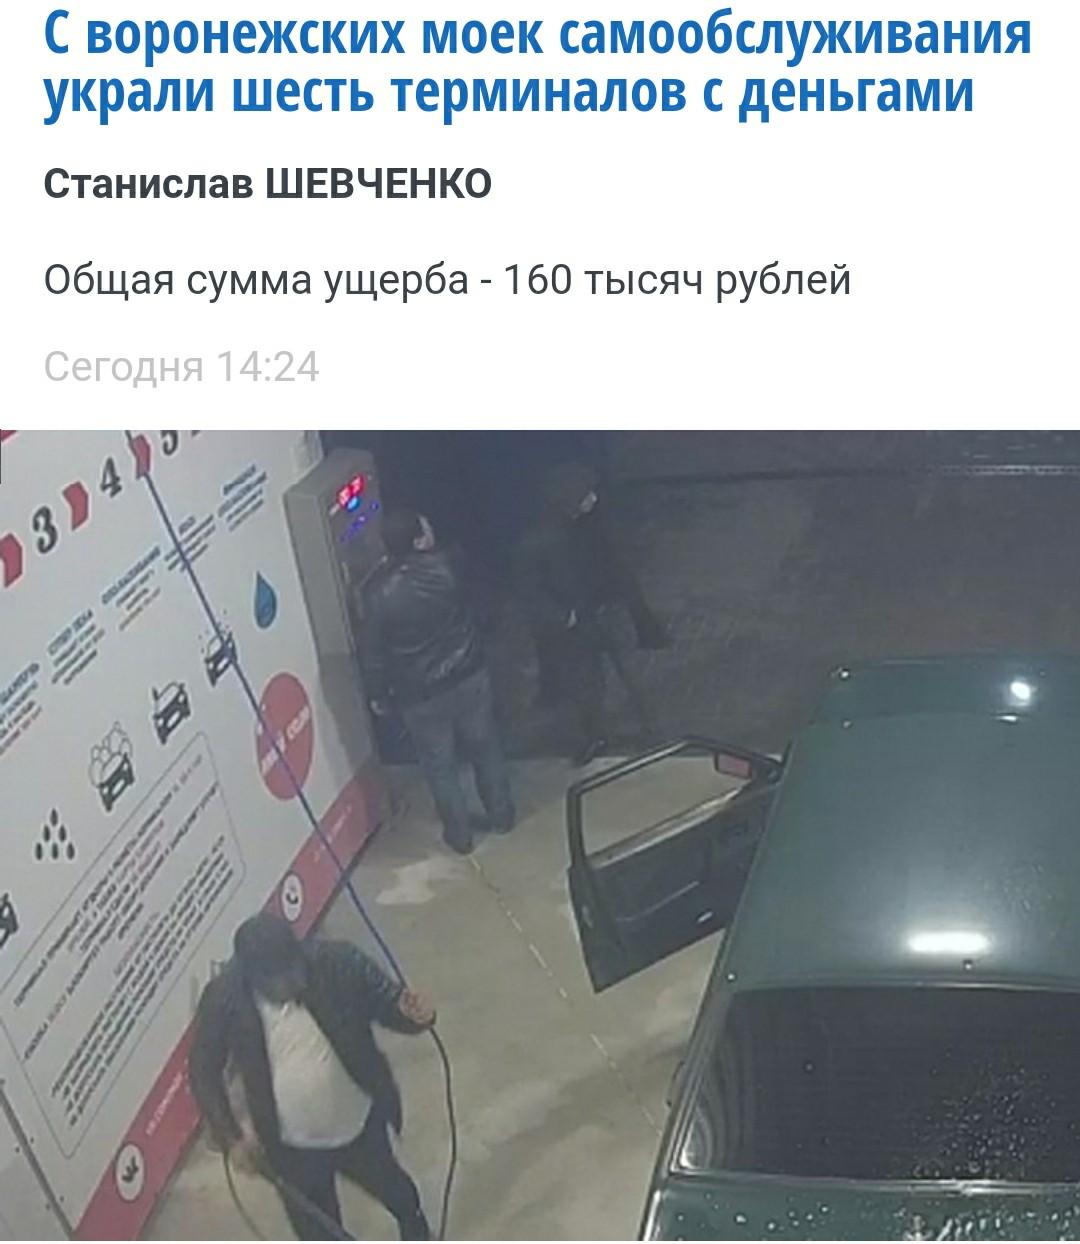 Полицейские раскрыли массовую кражу терминалов оплаты бесконтактных моек.